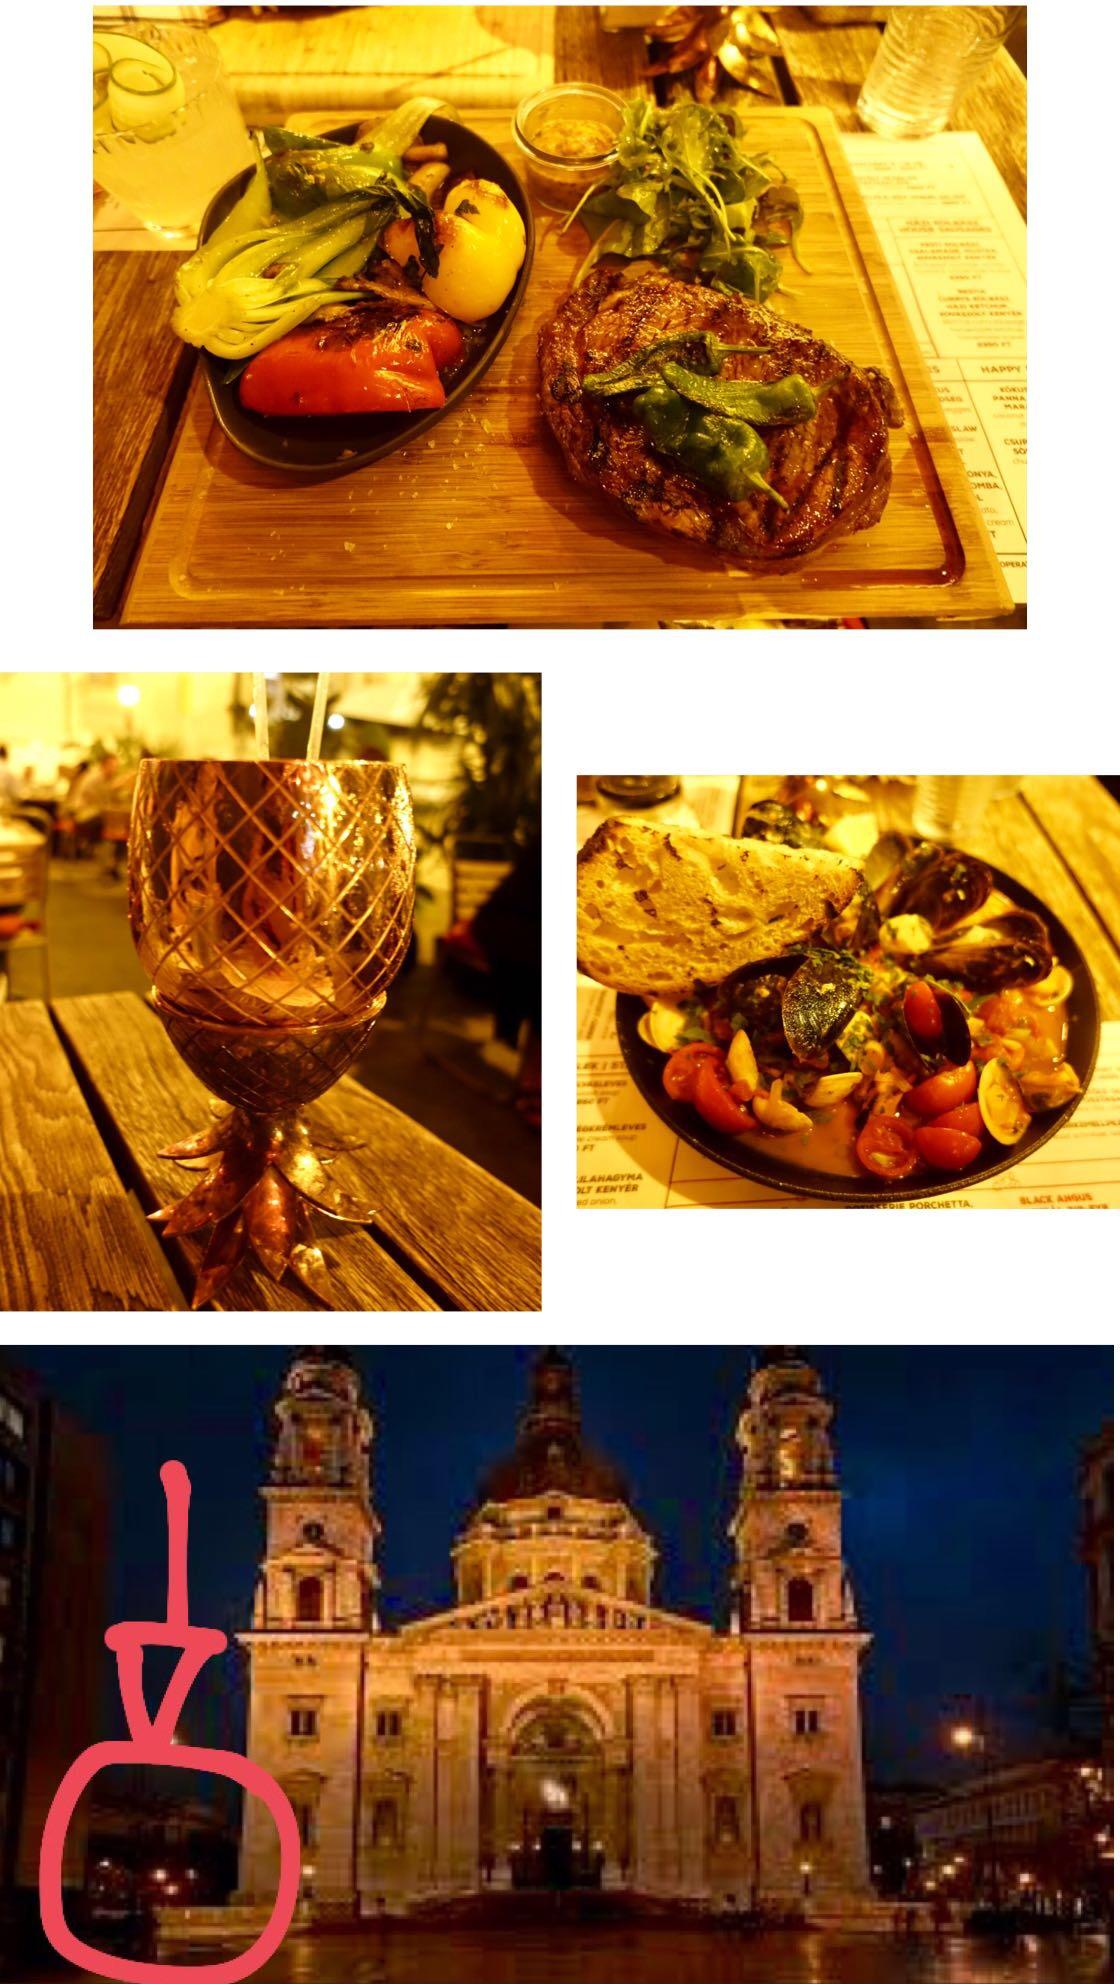 bestia-restaurant-budapest-lustforthesublime